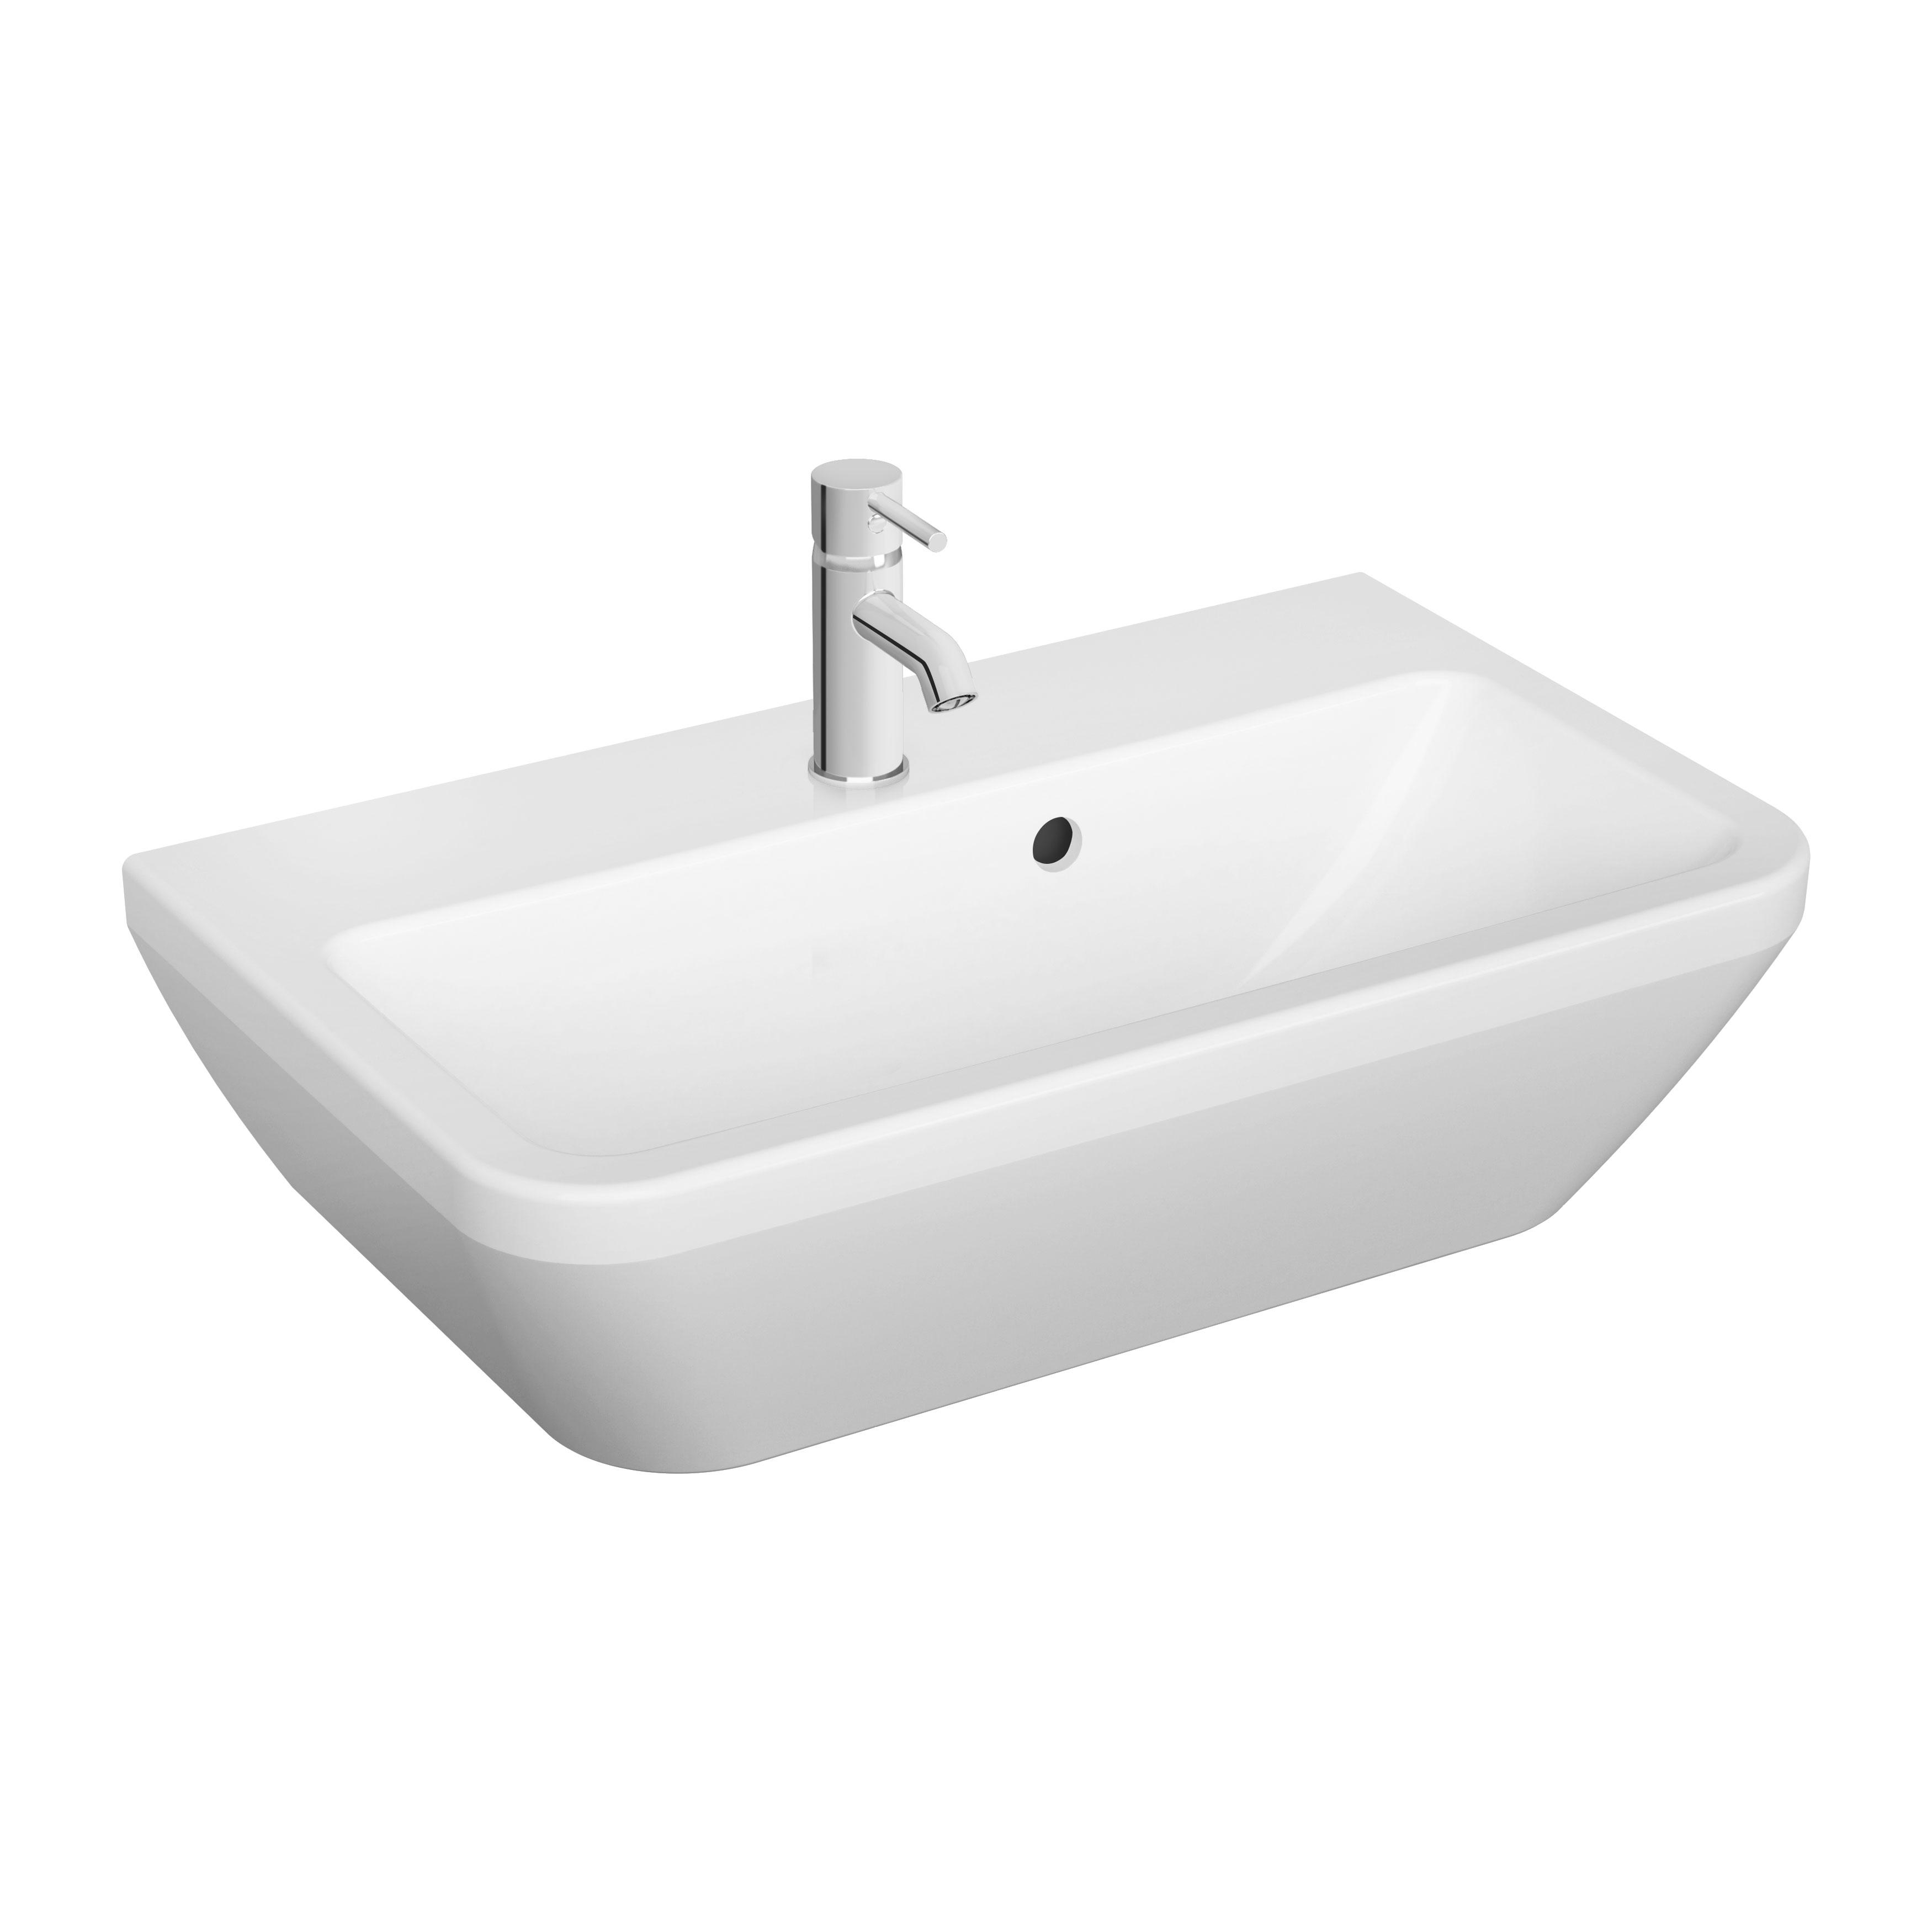 Integra lavabo, 60 cm, avec trop plain, blanc